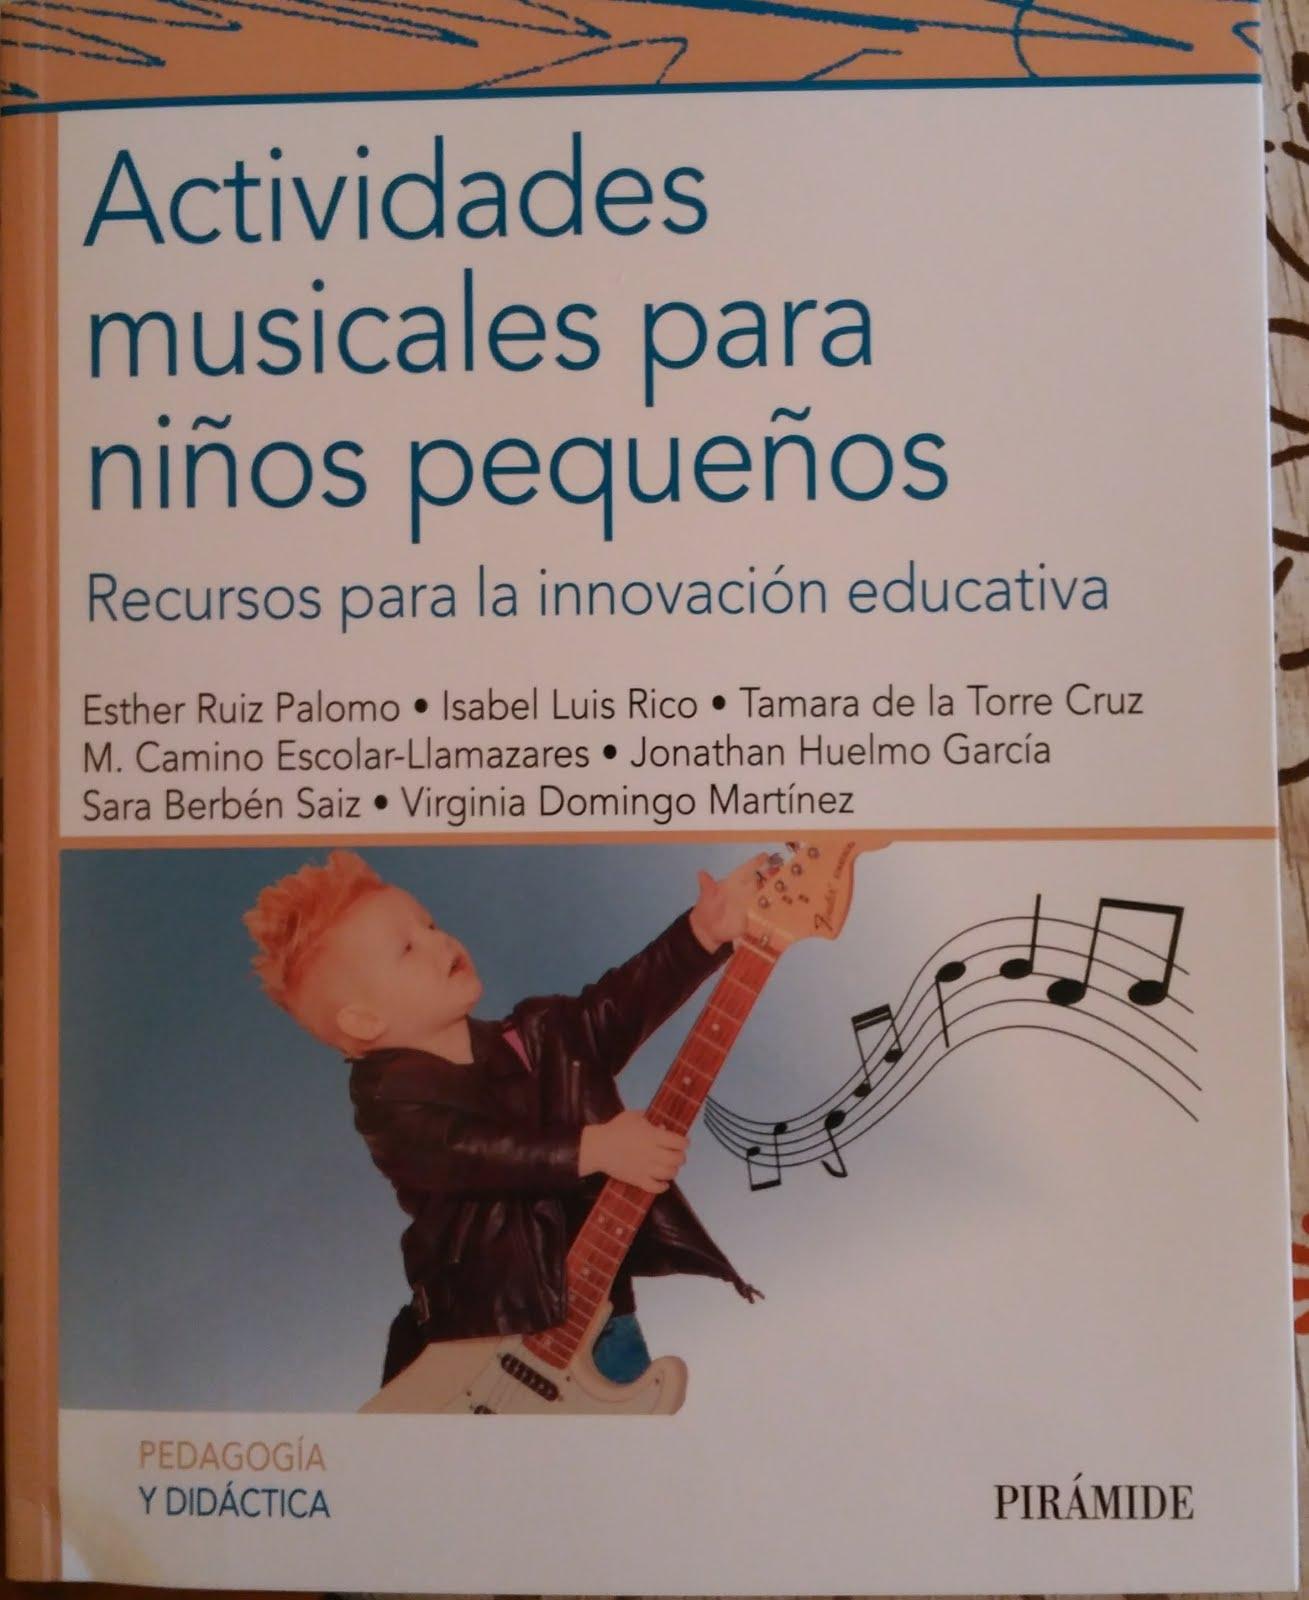 Actividades musicales para niños pequeños. Recursos para la innovación educativa-